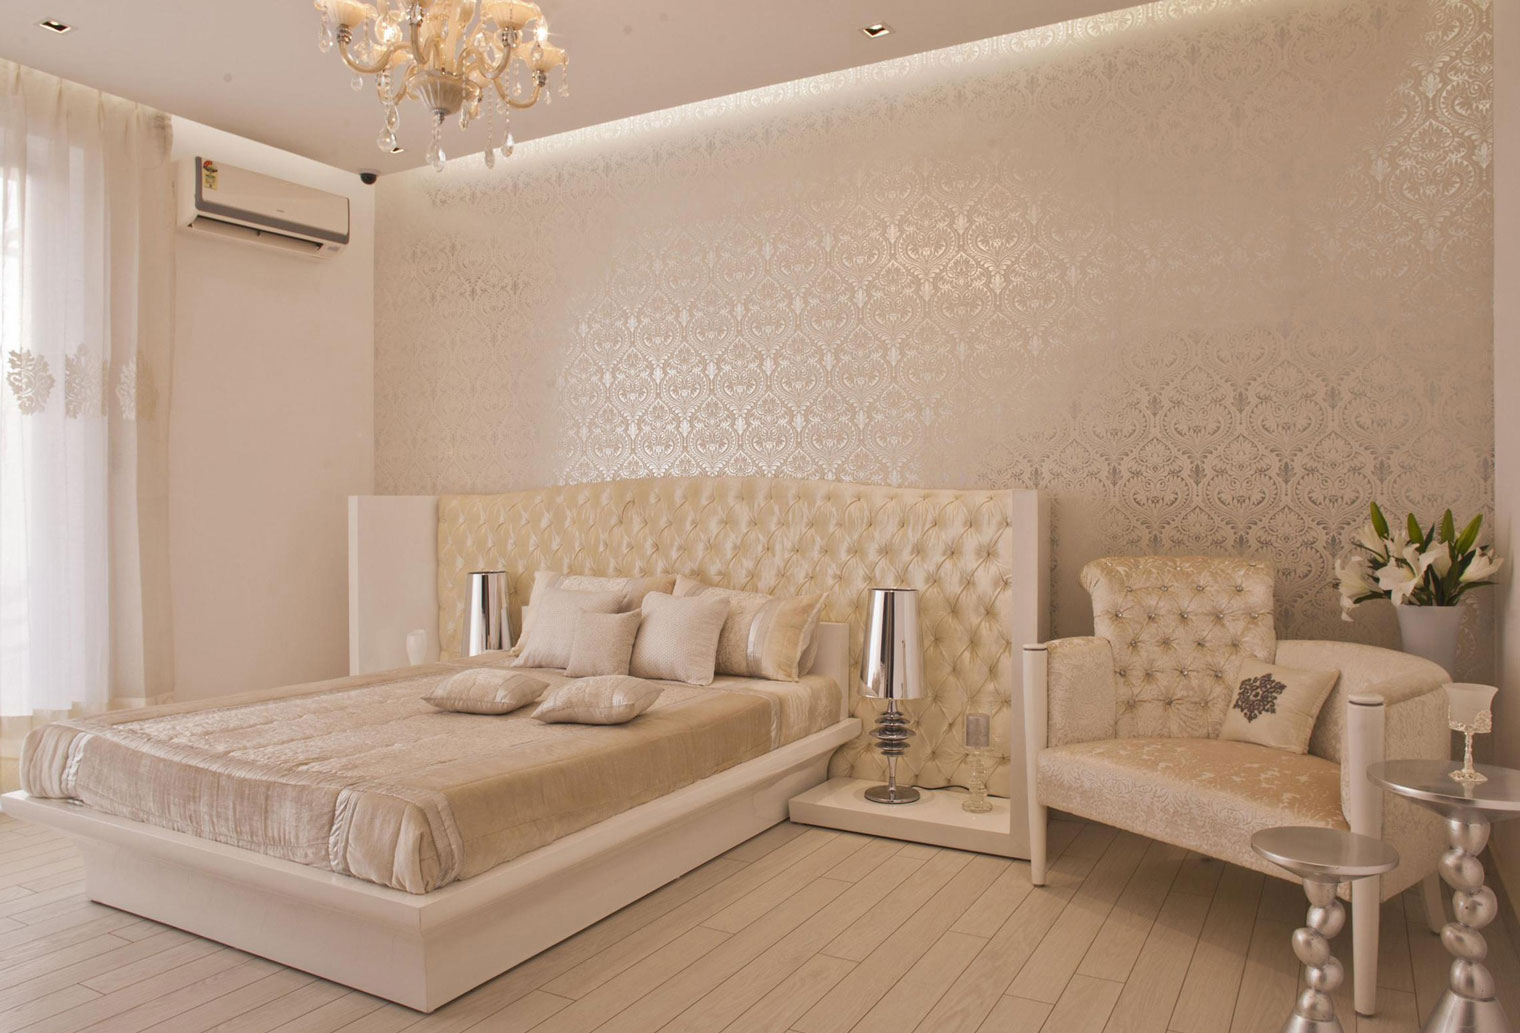 design cosmos architecture interiors